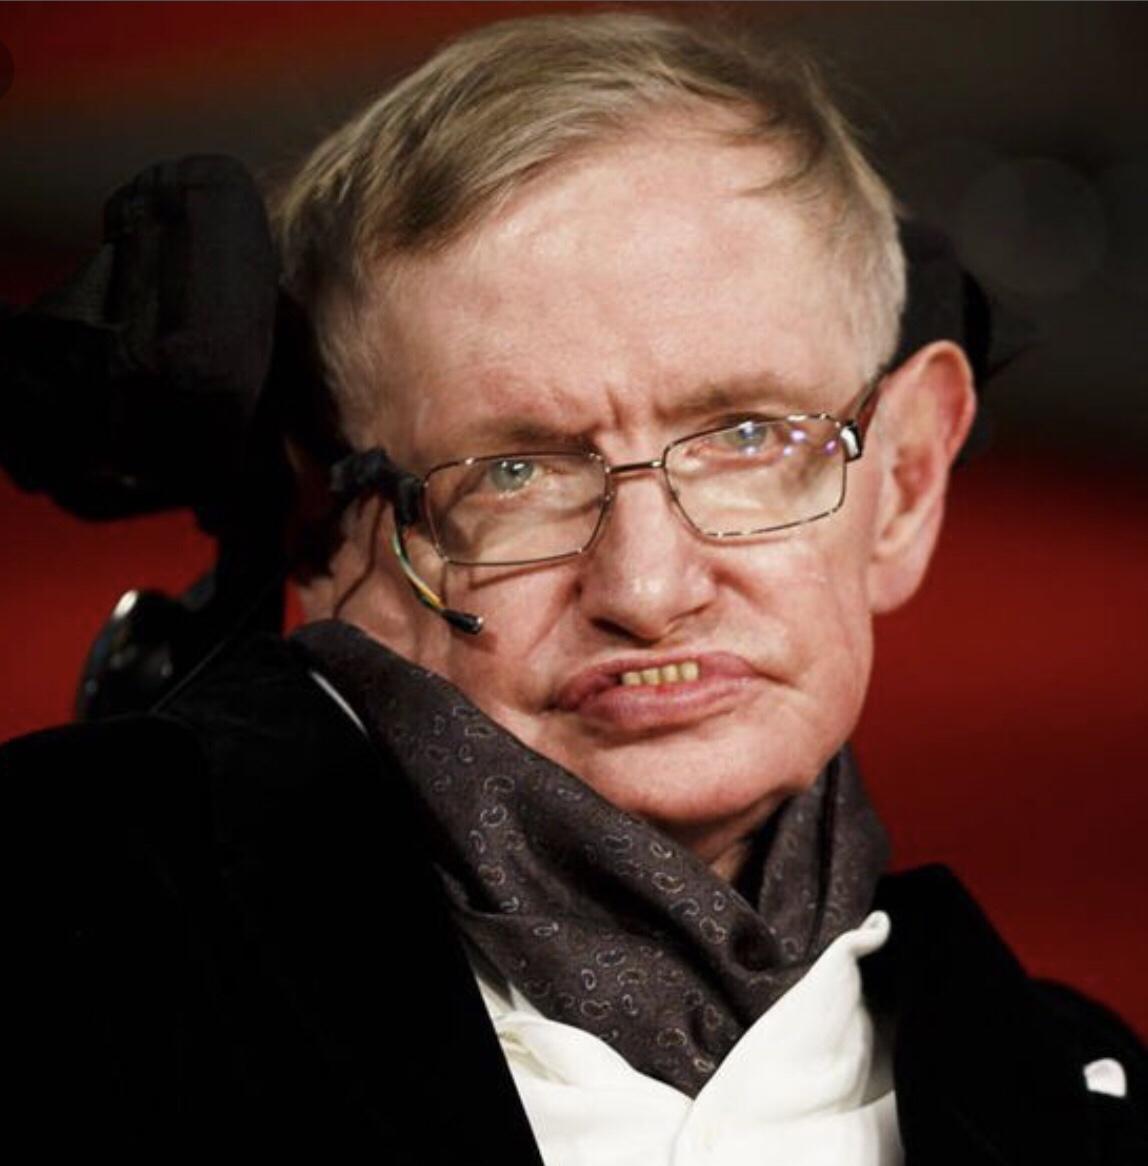 Too Soon Stephen Hawking died aged 76